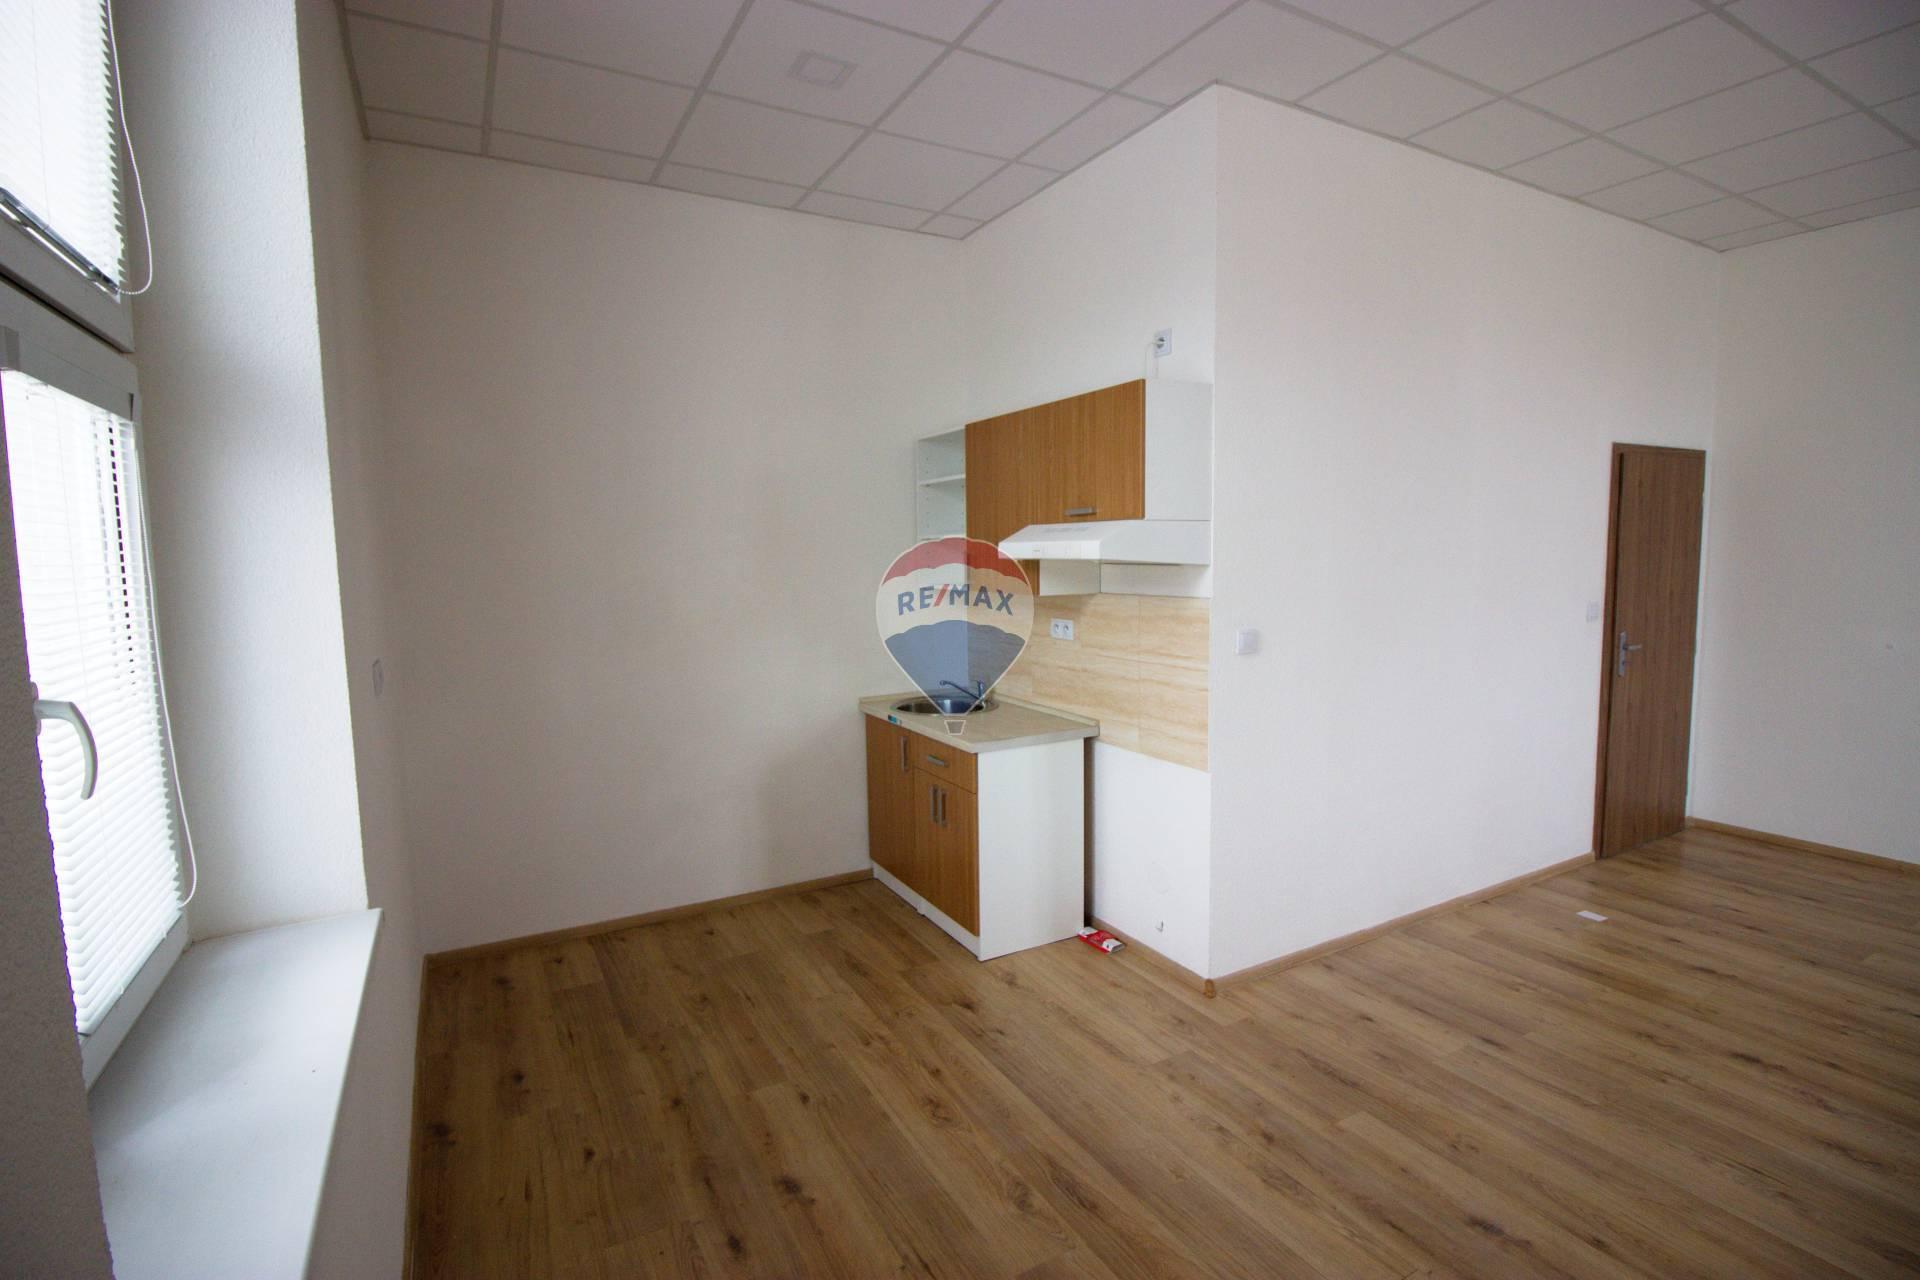 Prenájom 2-izbového bytu č.3.16-rozloha 64,75m2, Nové Mesto nad Váhom